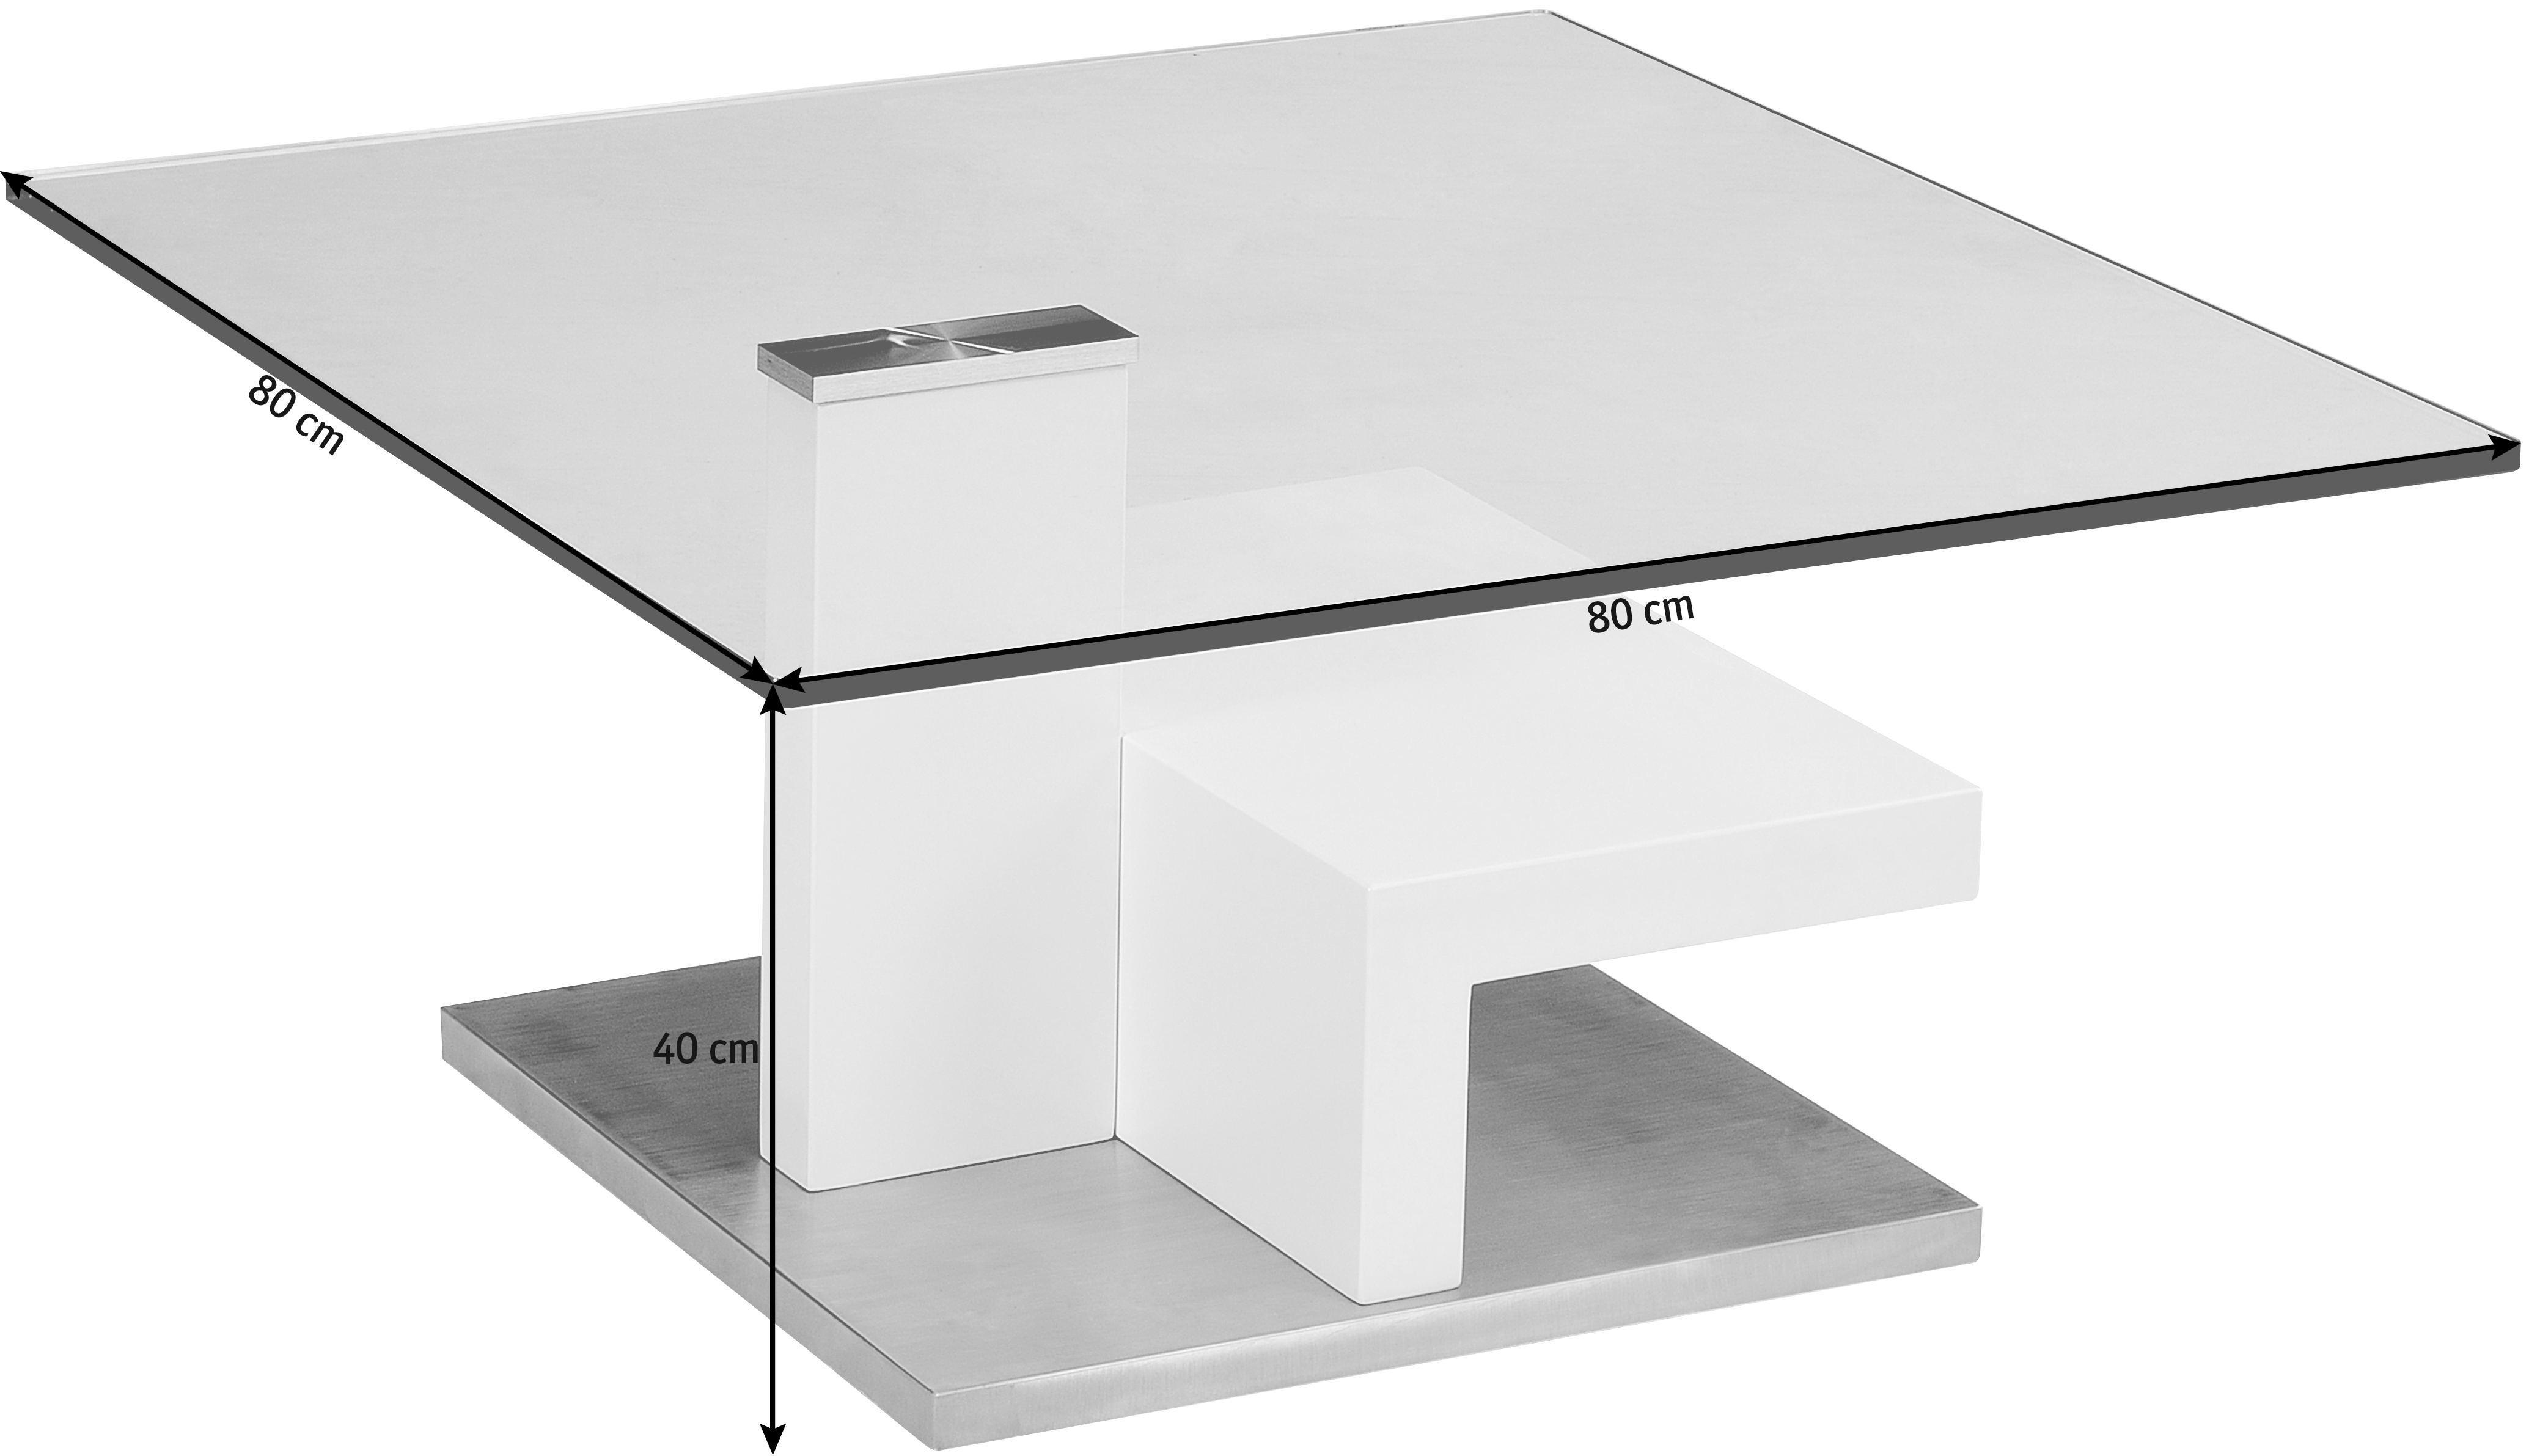 KLUBSKA MIZA - barve nerjavečega jekla/bela, Design, kovina/steklo (80/40/80cm) - XORA